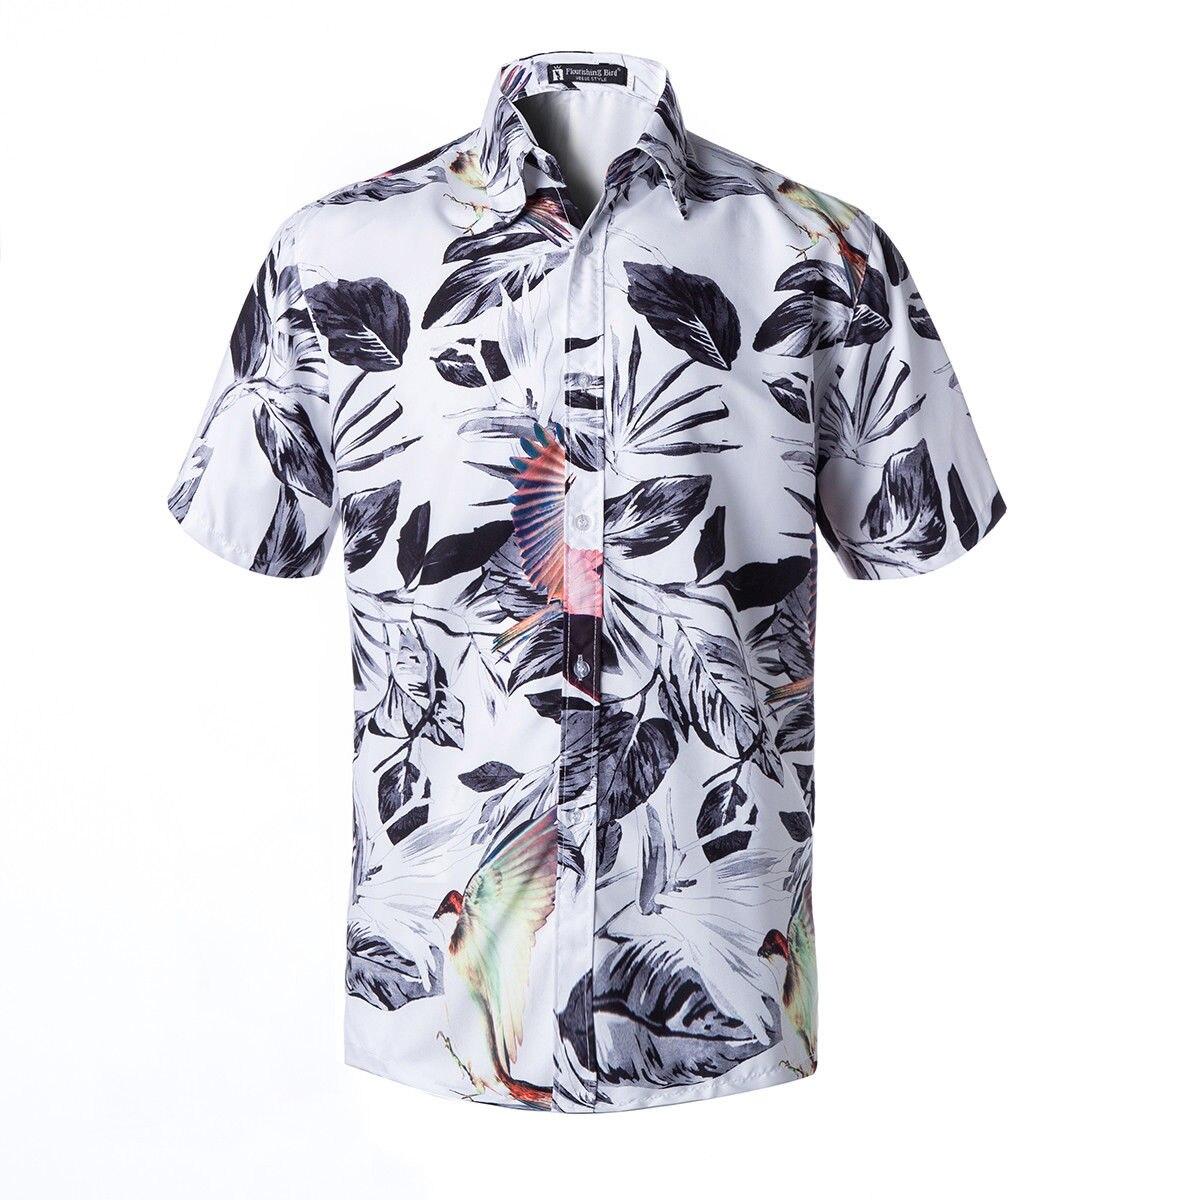 Men Hawaiian Shirt Leopard Printed Collared Fancy Shirt Short Sleeve Holiday Tee